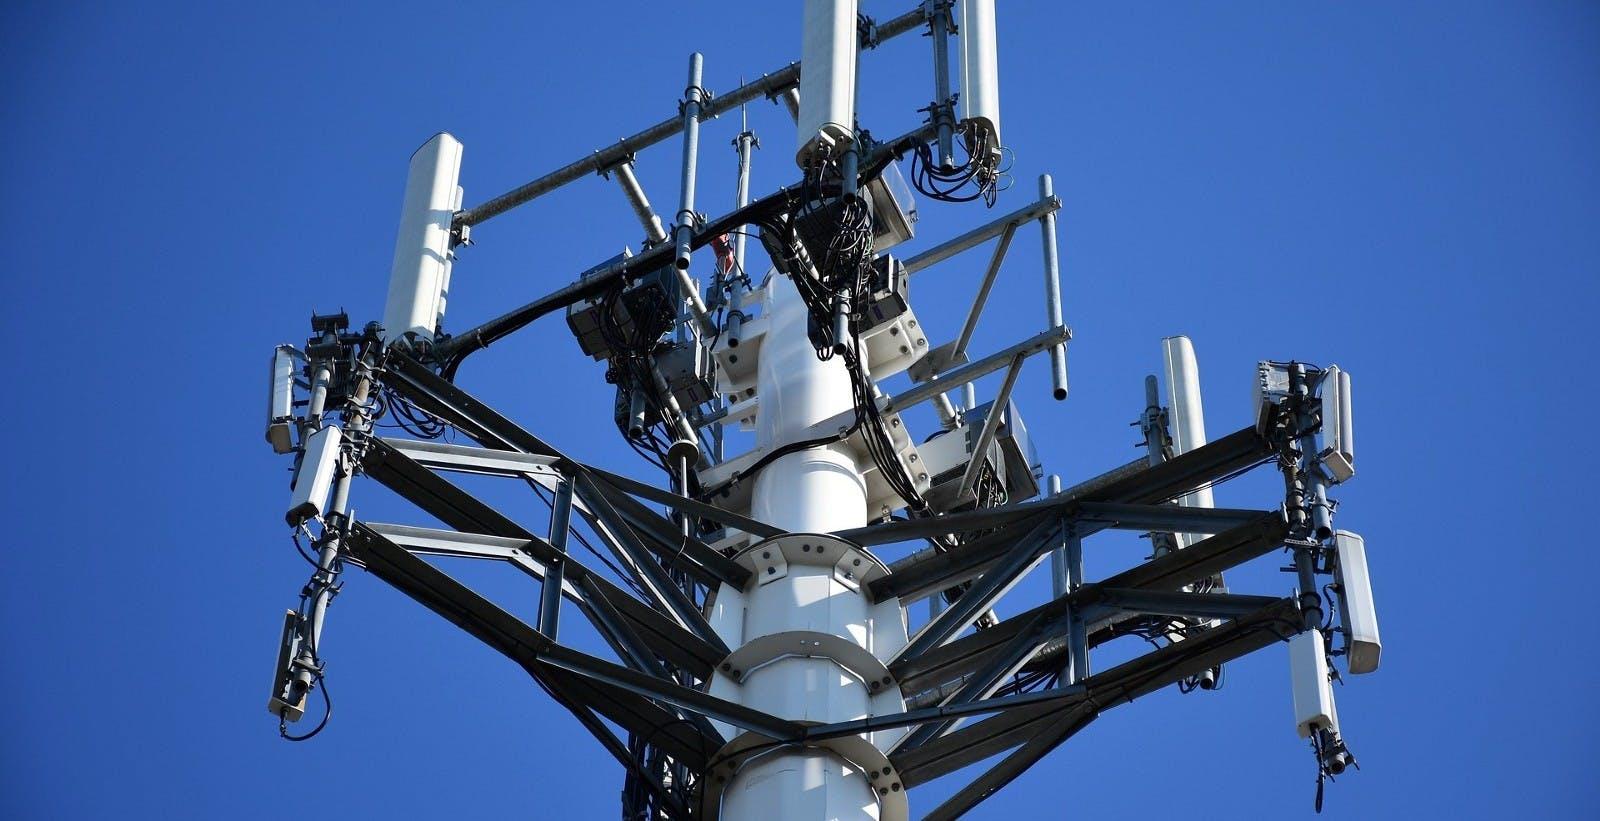 Messina non può vietare il 5G: ecco perché il TAR ha dato ragione a Vodafone